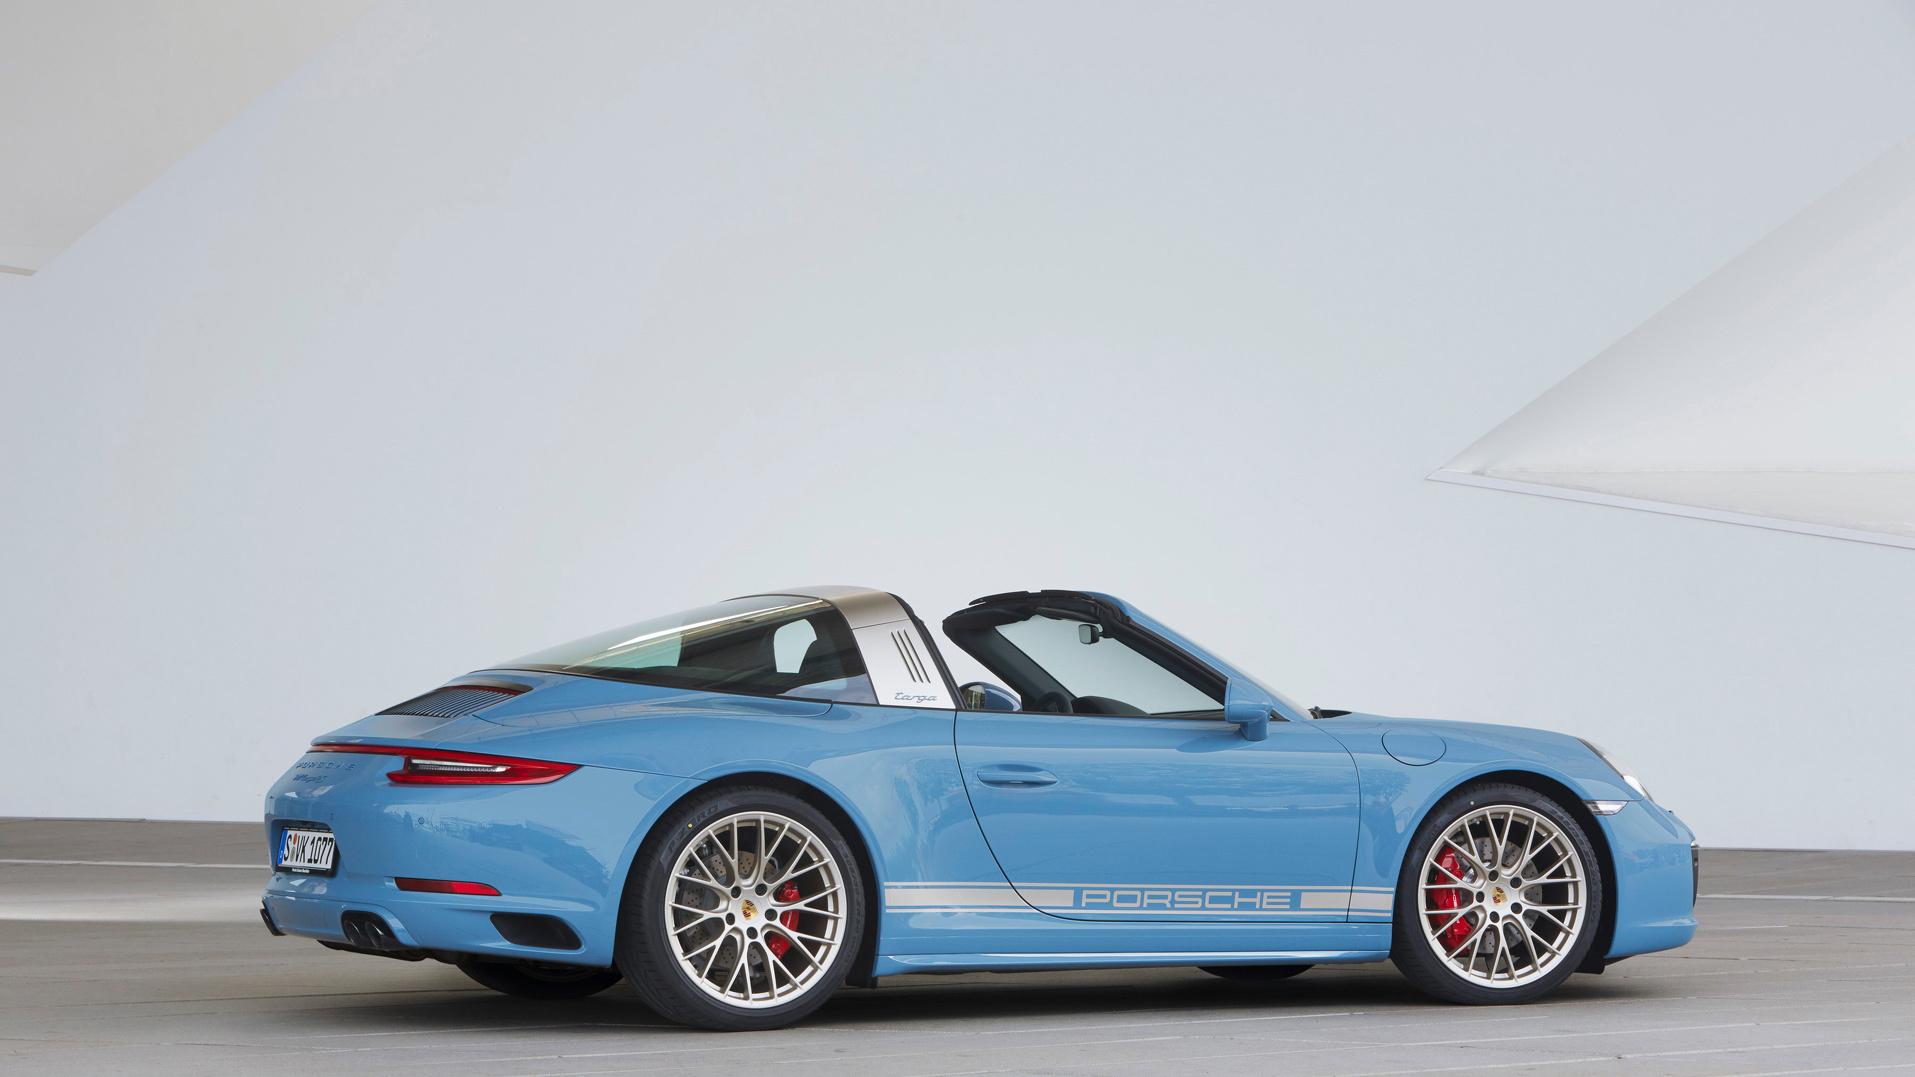 Porsche 911 Targa Wallpapers HD